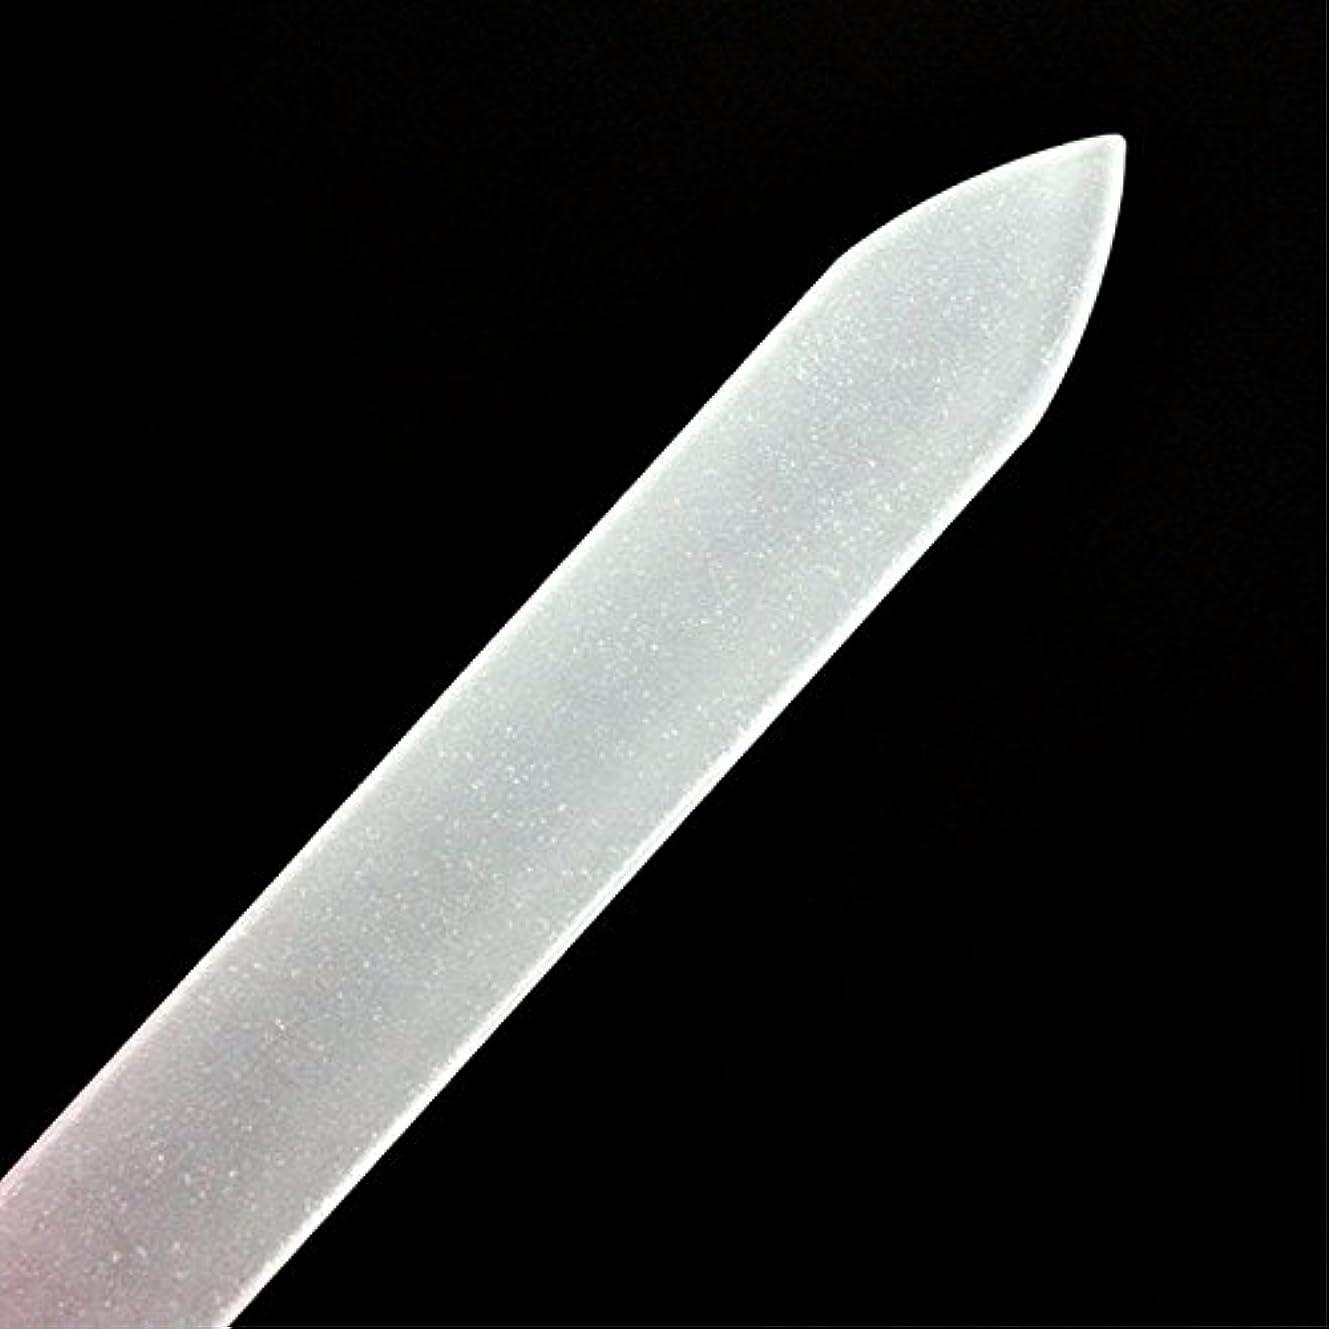 奨学金野菜パッチ爪磨き つめみがき ネイルケア 爪やすり 用品ガラス製爪ヤスリ ガラス製 ケース付 つめやすり甘皮 ケア